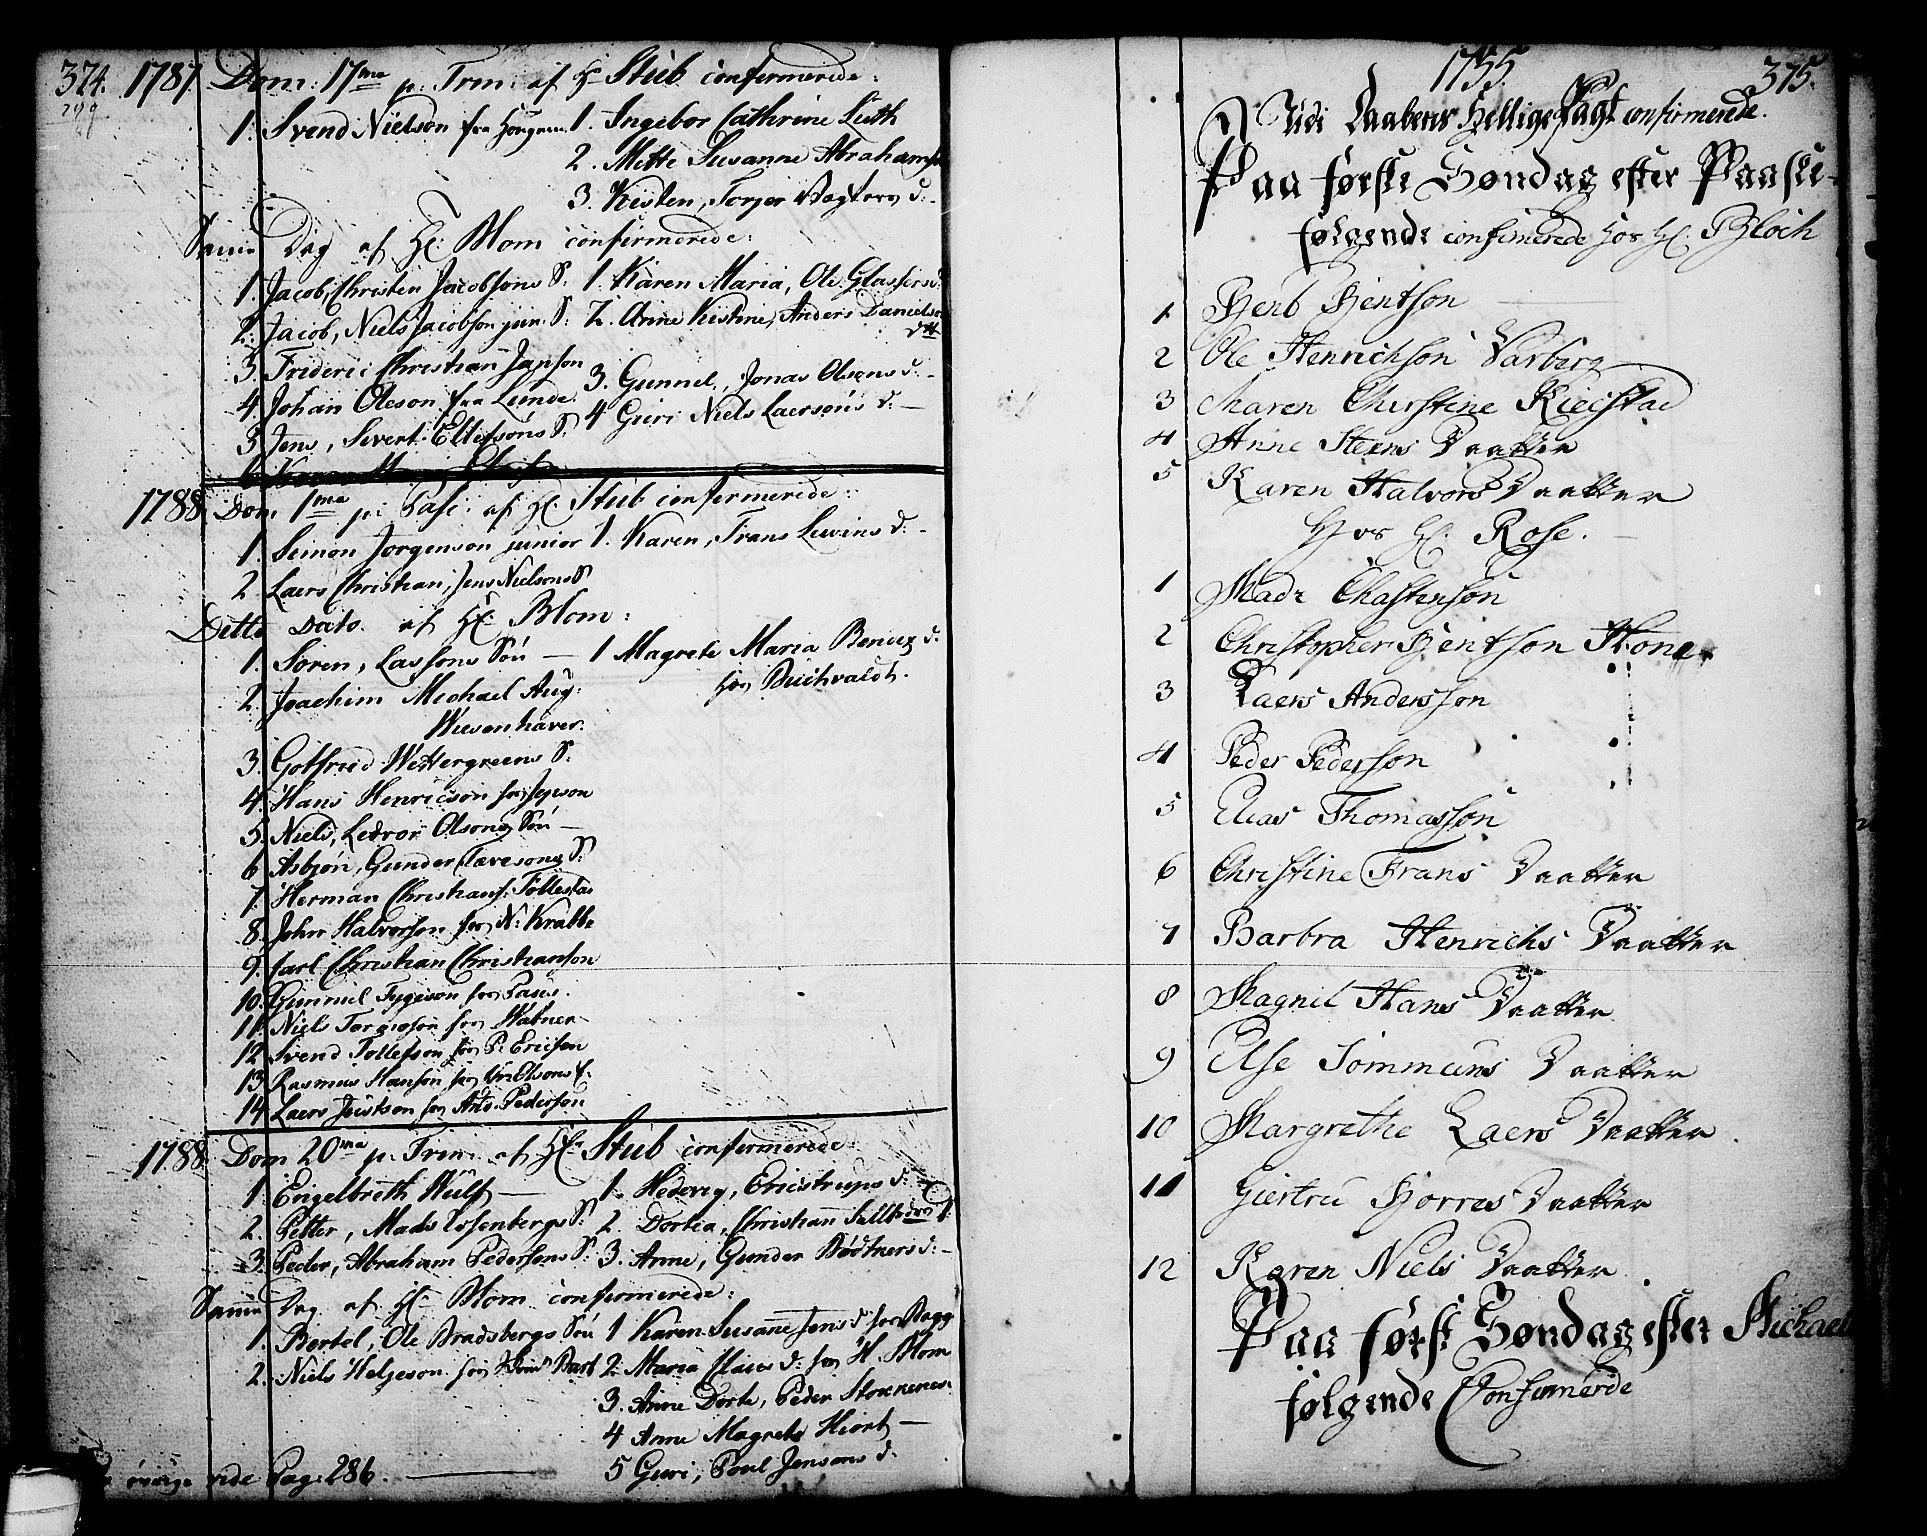 SAKO, Skien kirkebøker, F/Fa/L0003: Ministerialbok nr. 3, 1755-1791, s. 374-375